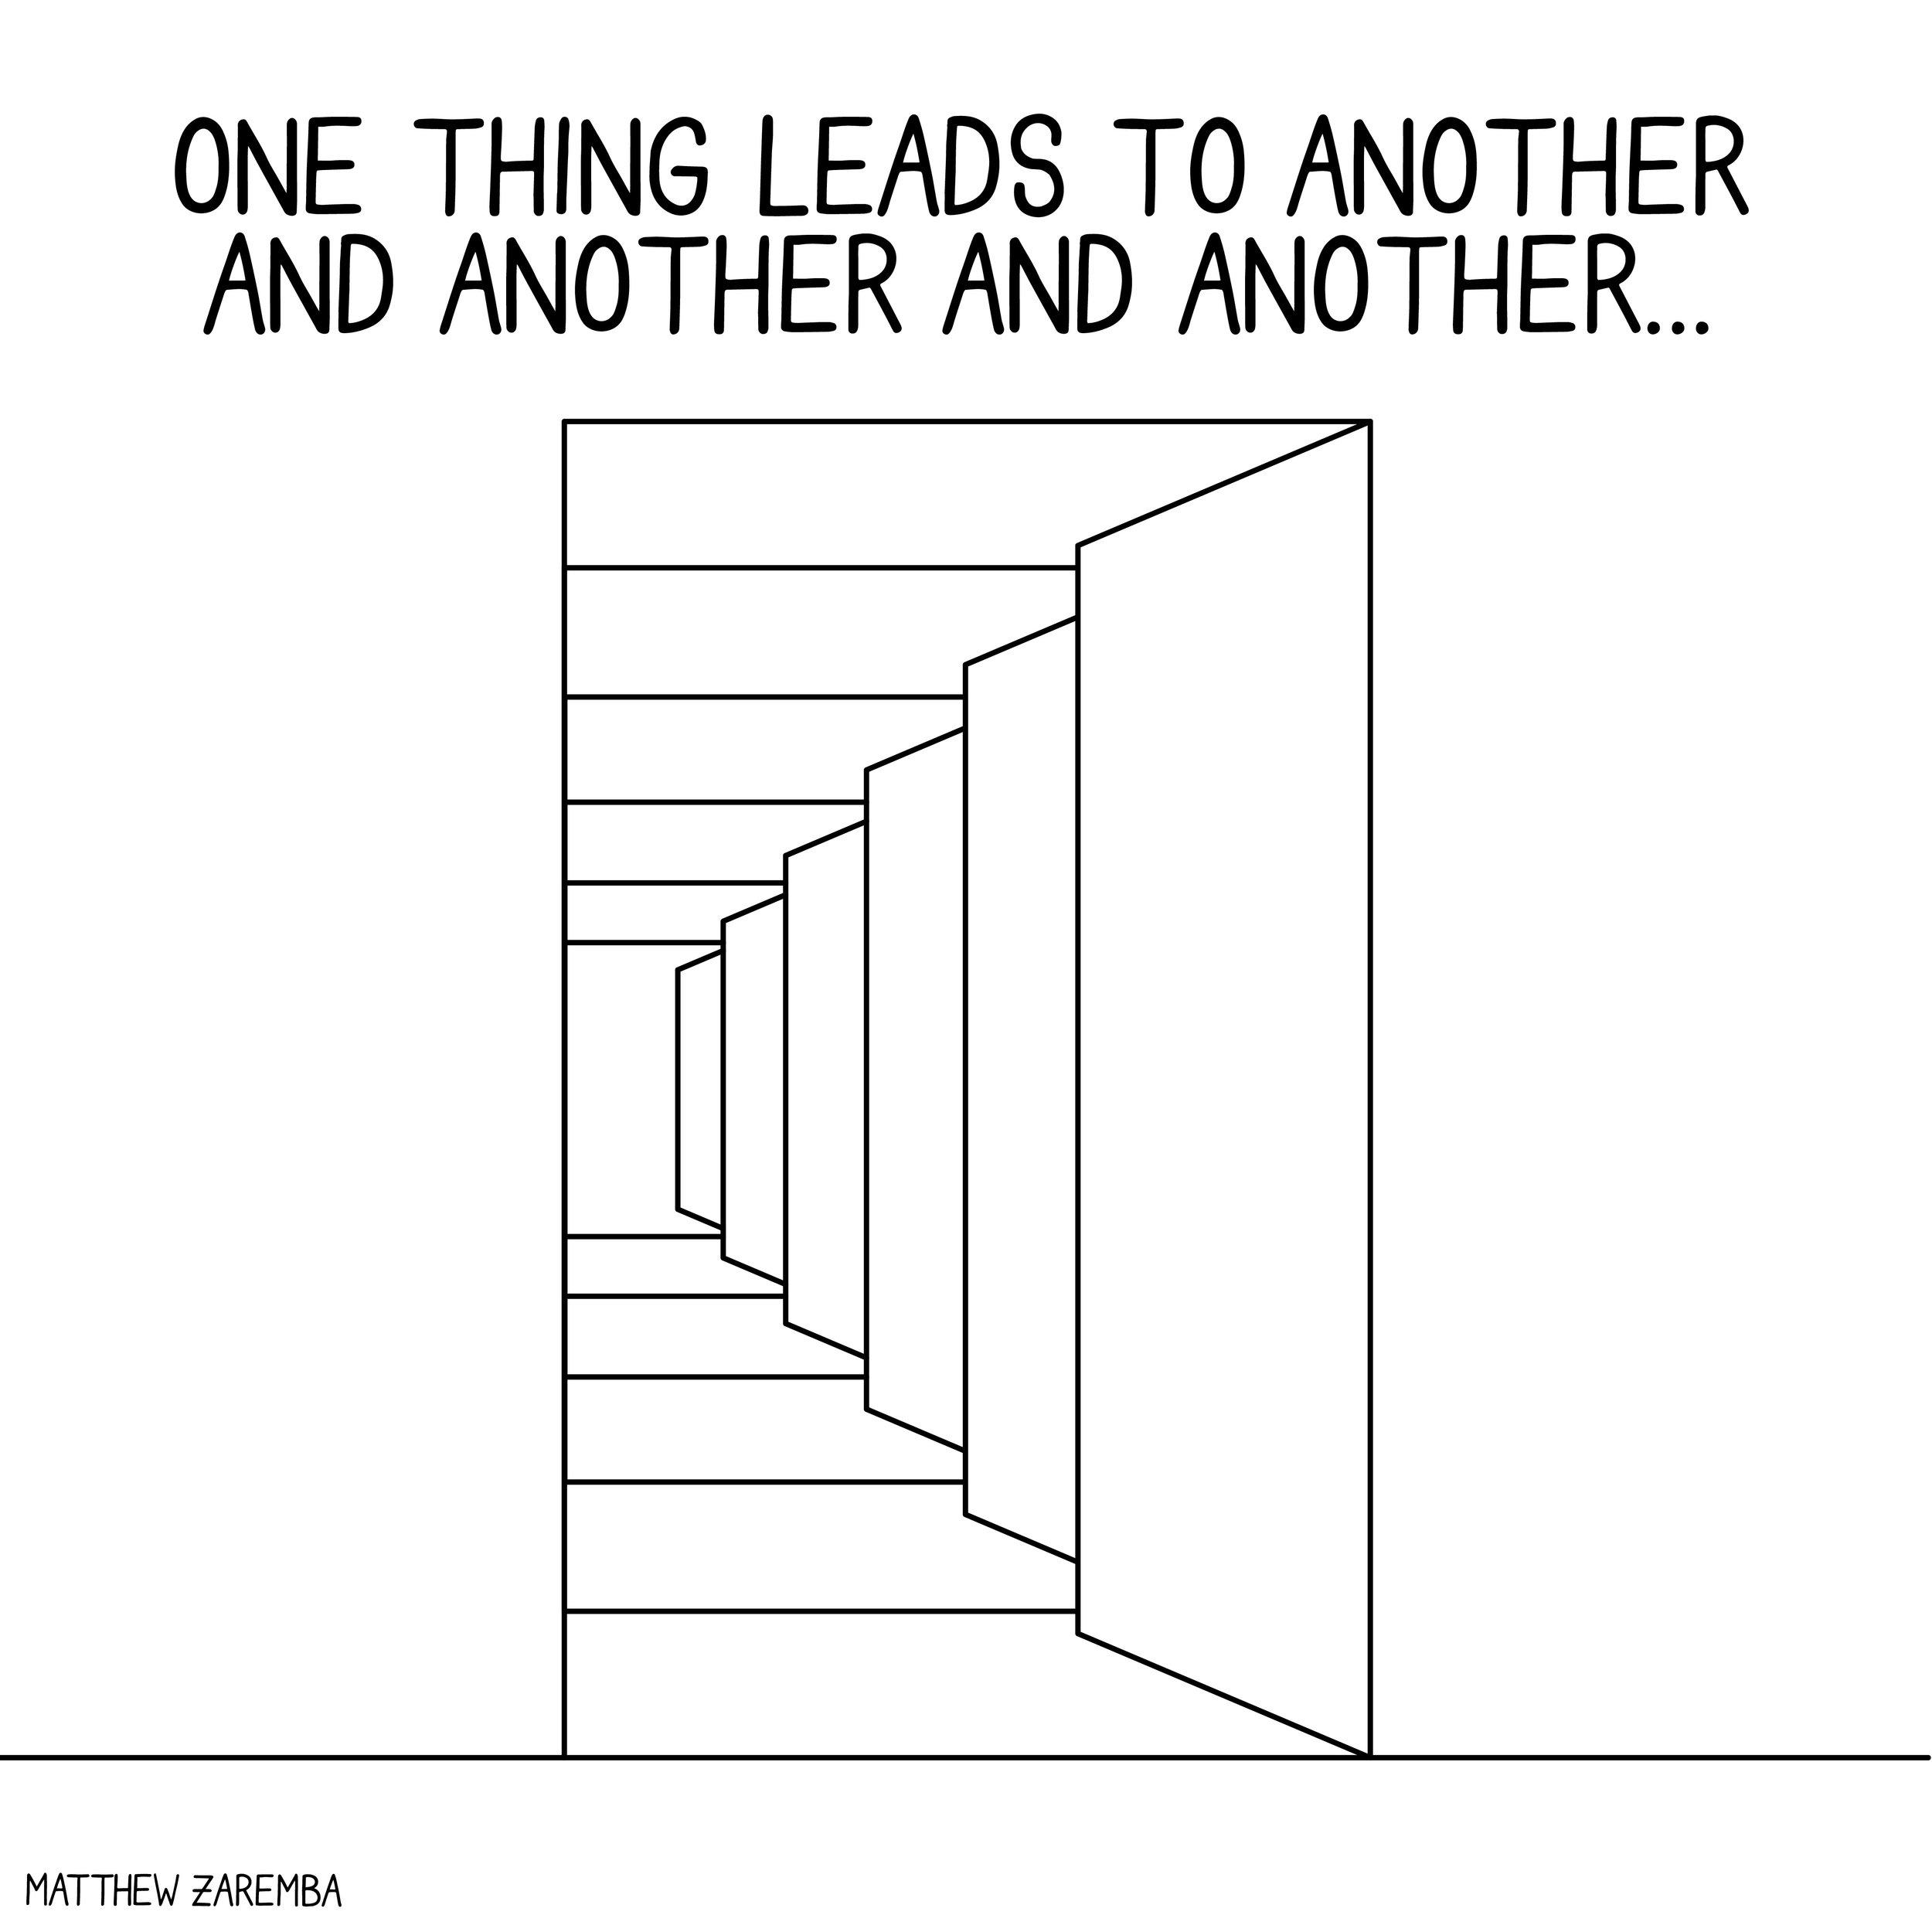 onethingleadstoanother-01.jpg